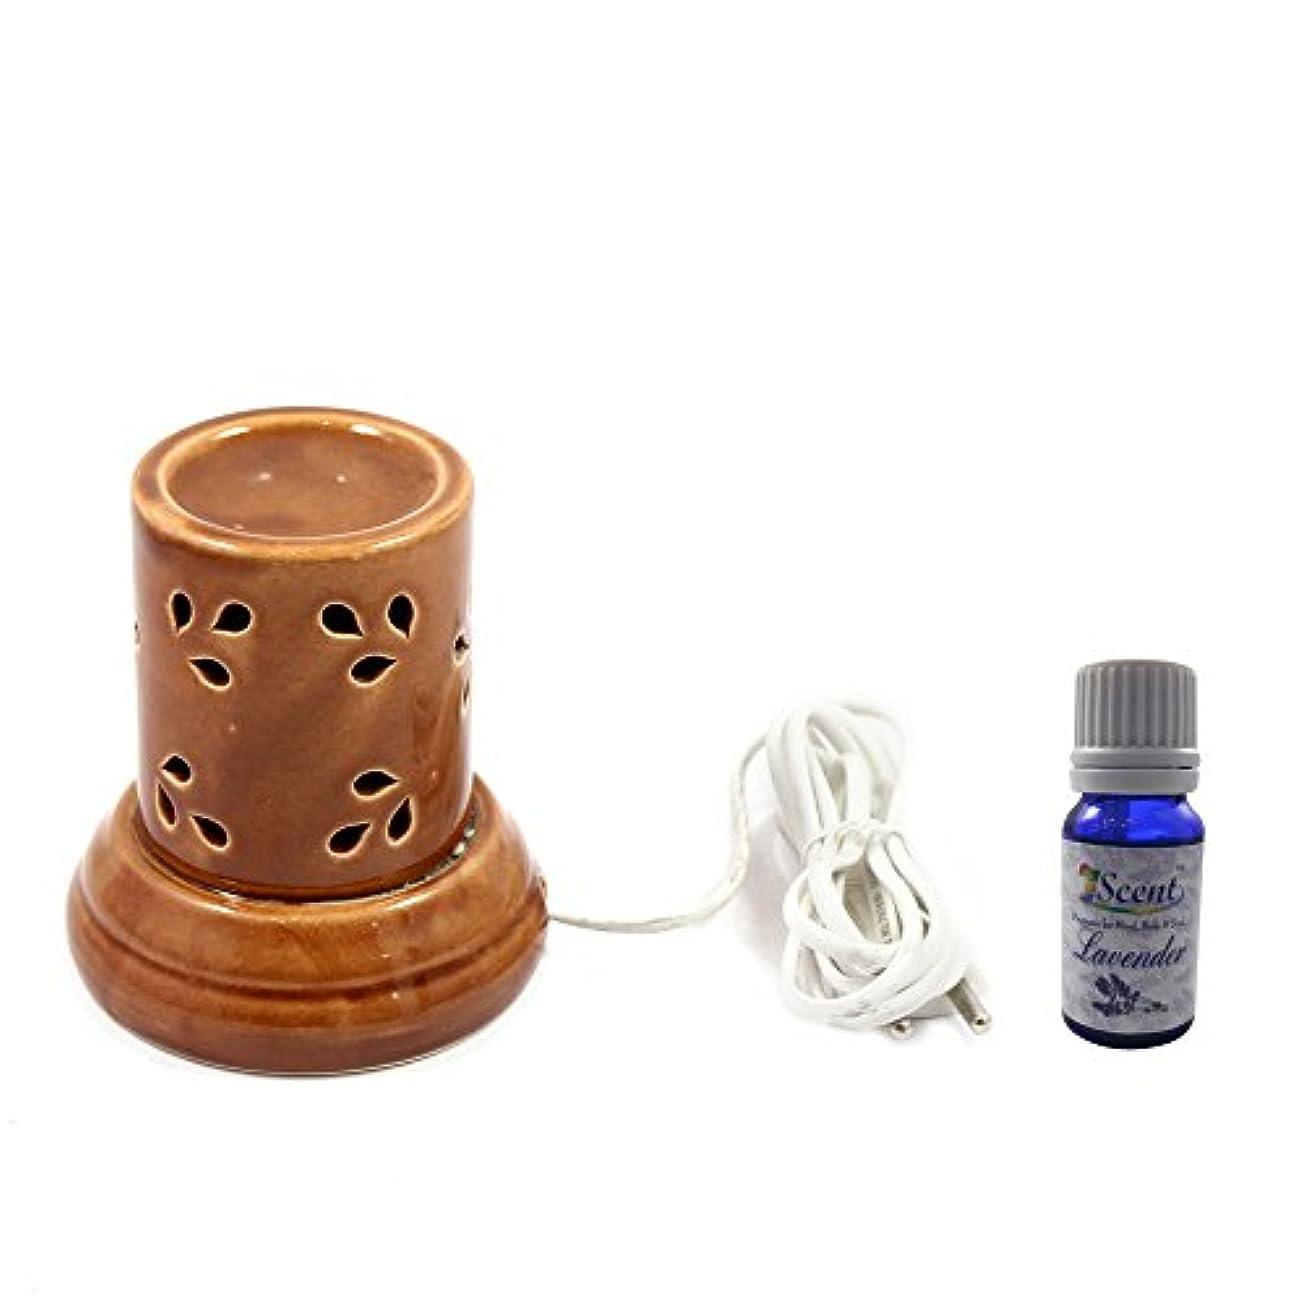 減衰入手しますカトリック教徒ホームデコレーション定期的に使用する汚染フリーハンドメイドセラミックエスニックサンダルウッドフレグランスオイルとアロマディフューザーオイルバーナー良質ブラウン色電気アロマテラピー香油暖かい数量1